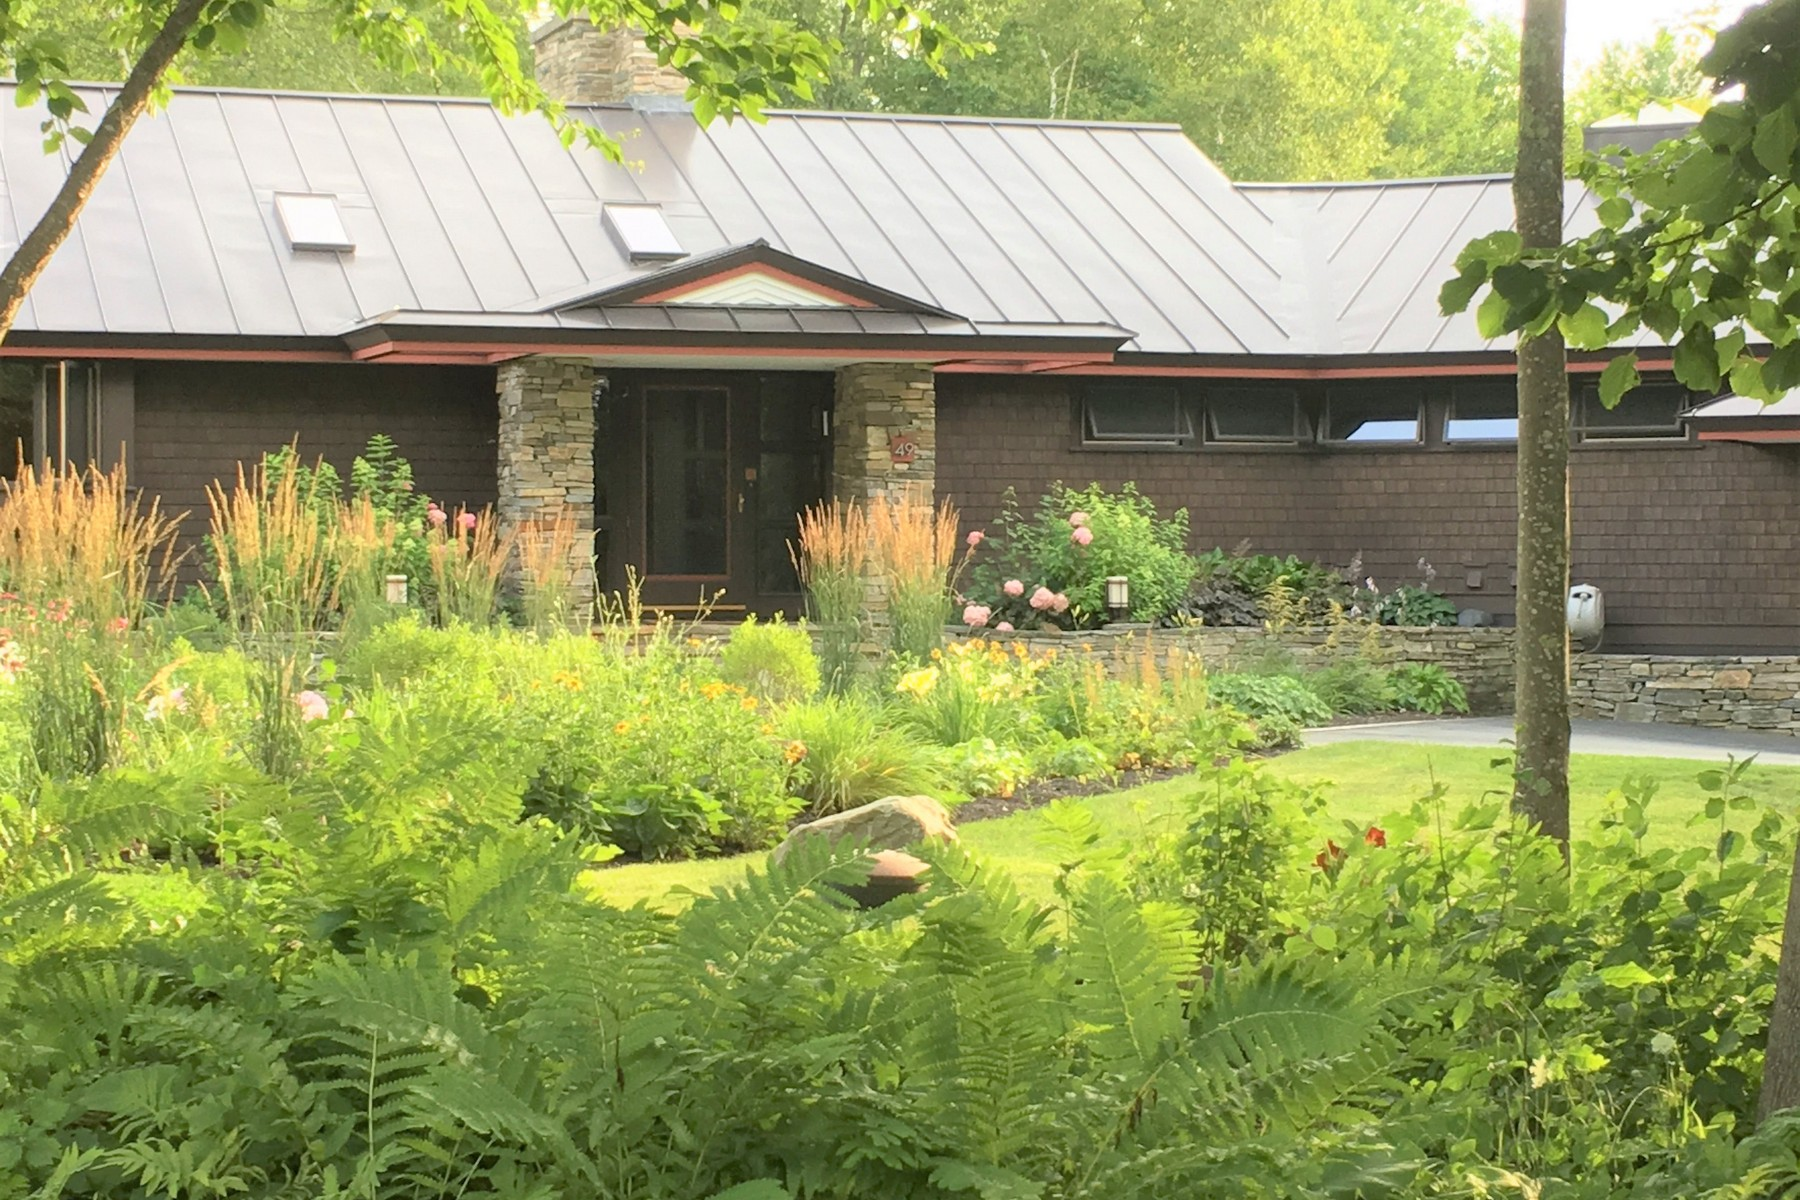 Maison unifamiliale pour l Vente à 49 Ferson Road, Hanover 49 Ferson Rd Hanover, New Hampshire, 03755 États-Unis